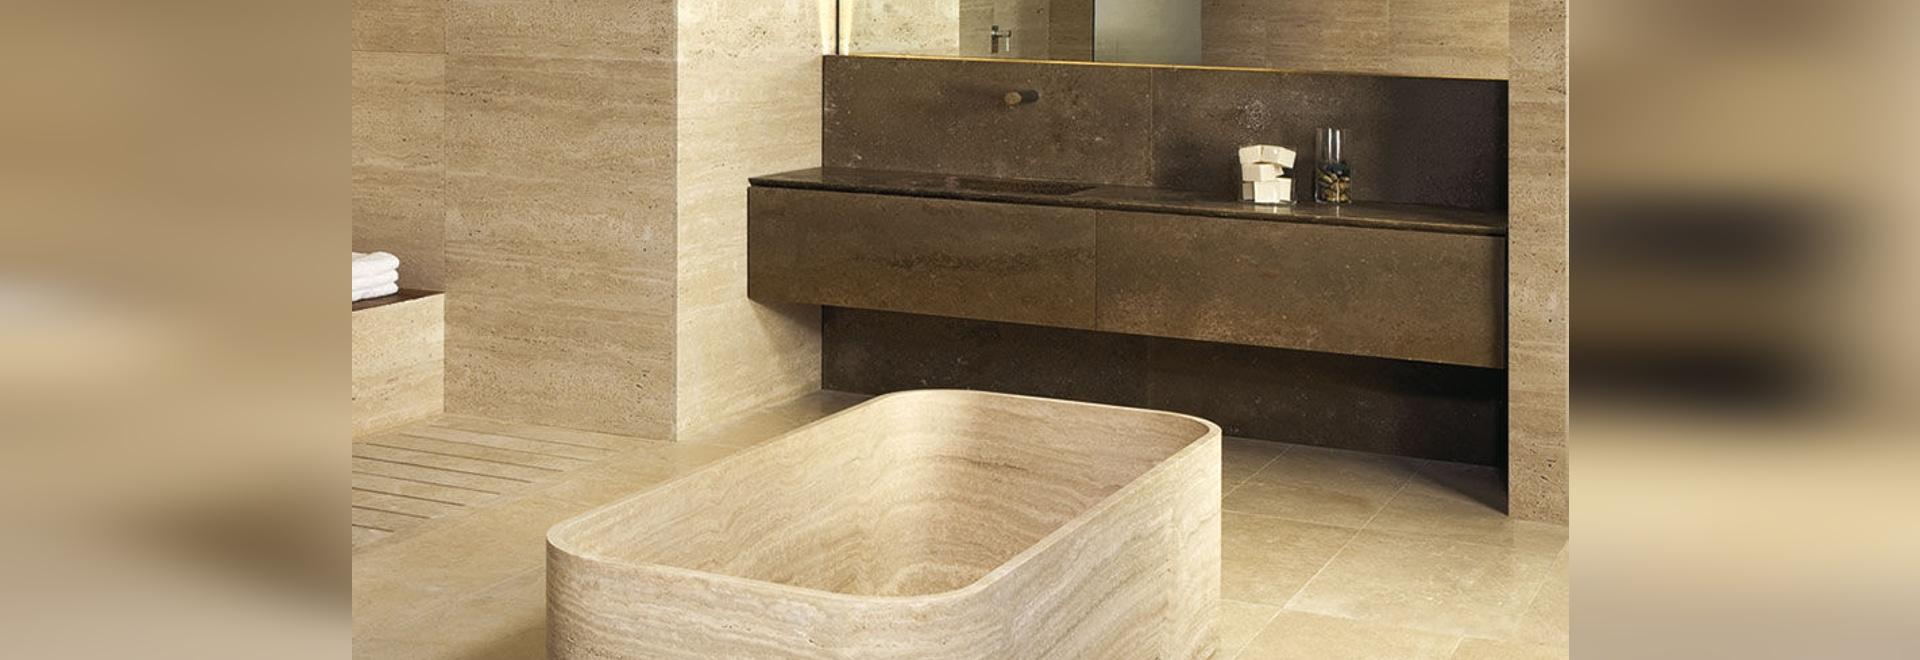 LE CAVE bathtub by Marco W. Fagioli ed Emanuel Gargano